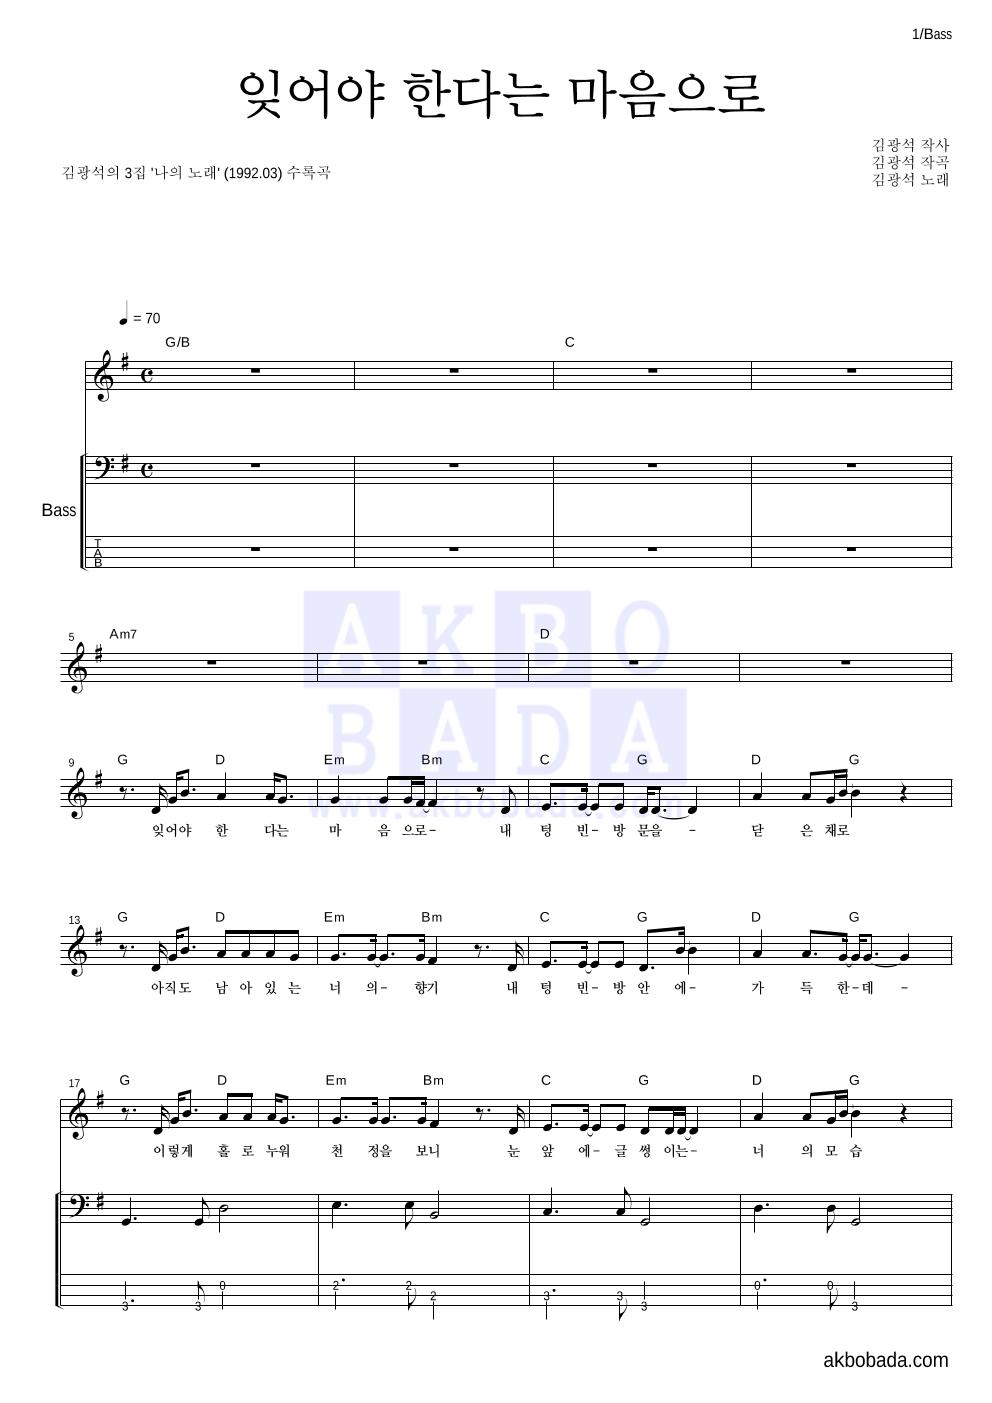 김광석 - 잊어야 한다는 마음으로 베이스 악보